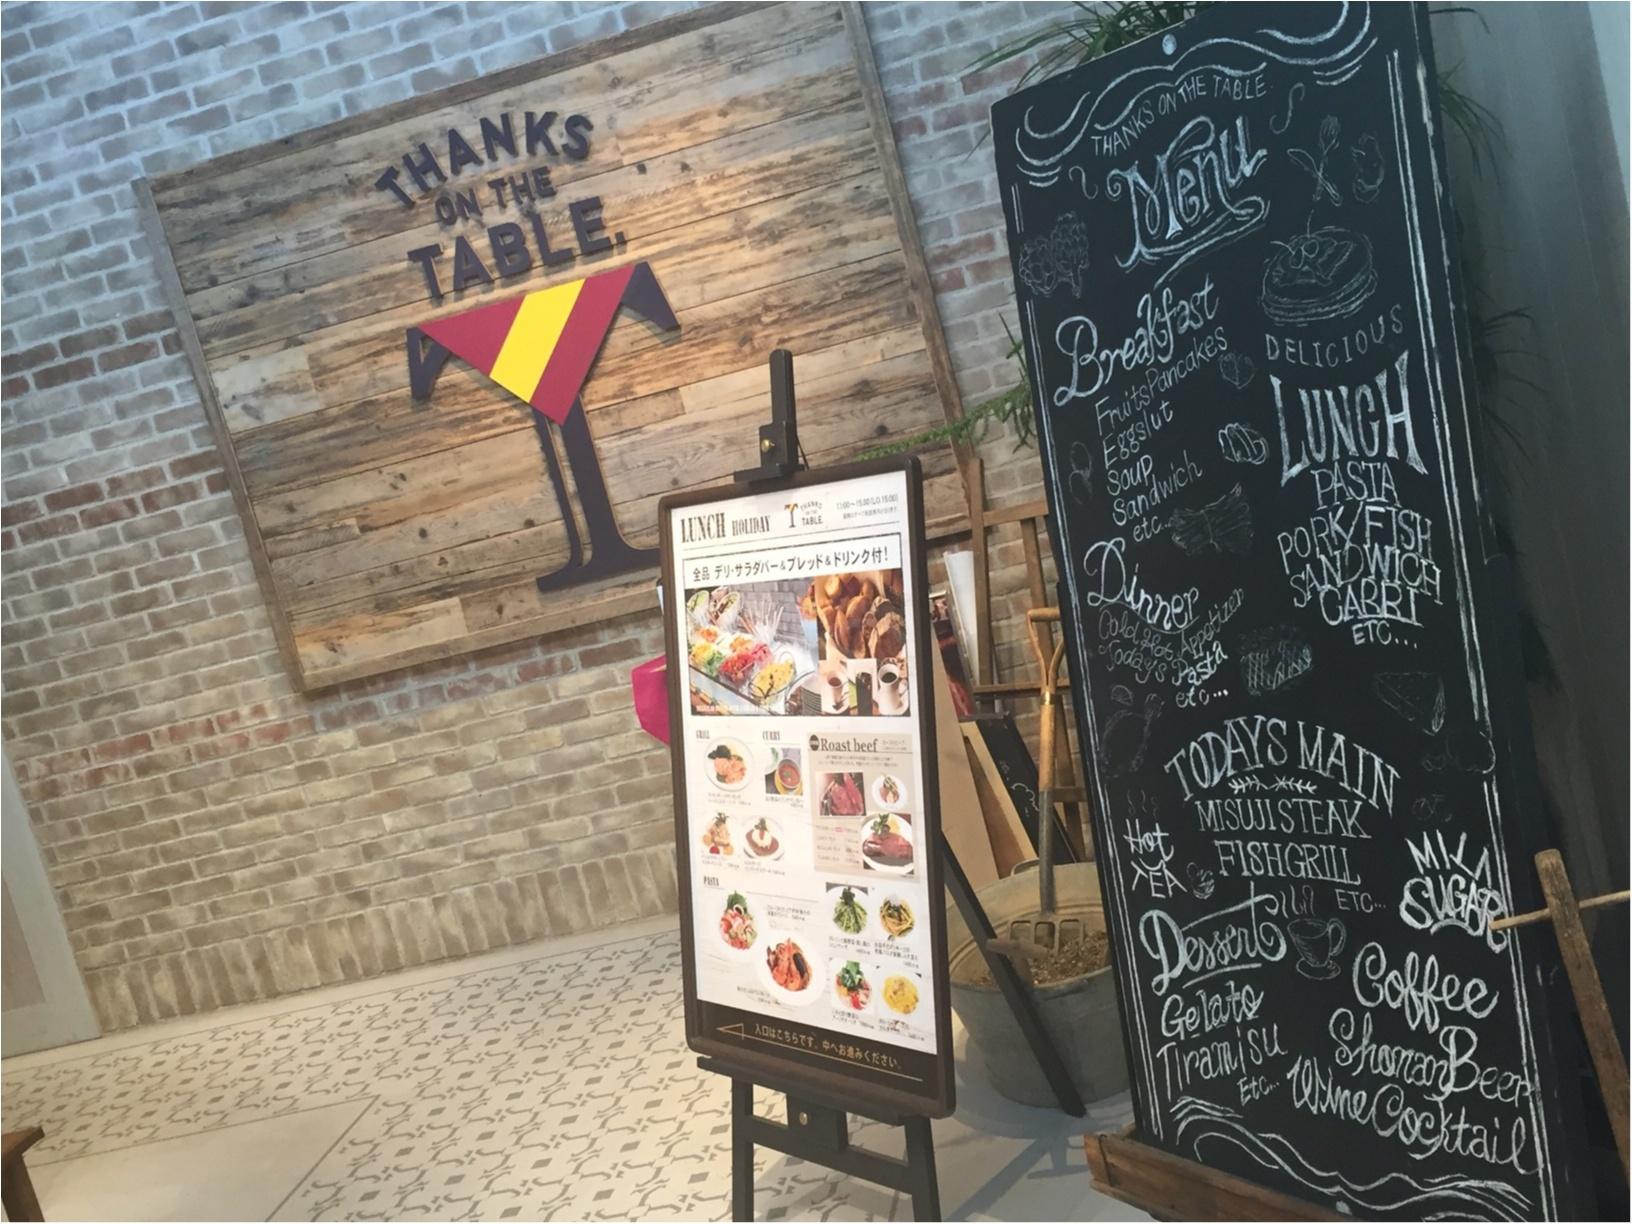 湘南のお洒落スポット『蔦屋書店』は、湘南らしいライフスタイルを提案する文化複合施設✨≪samenyan≫_12